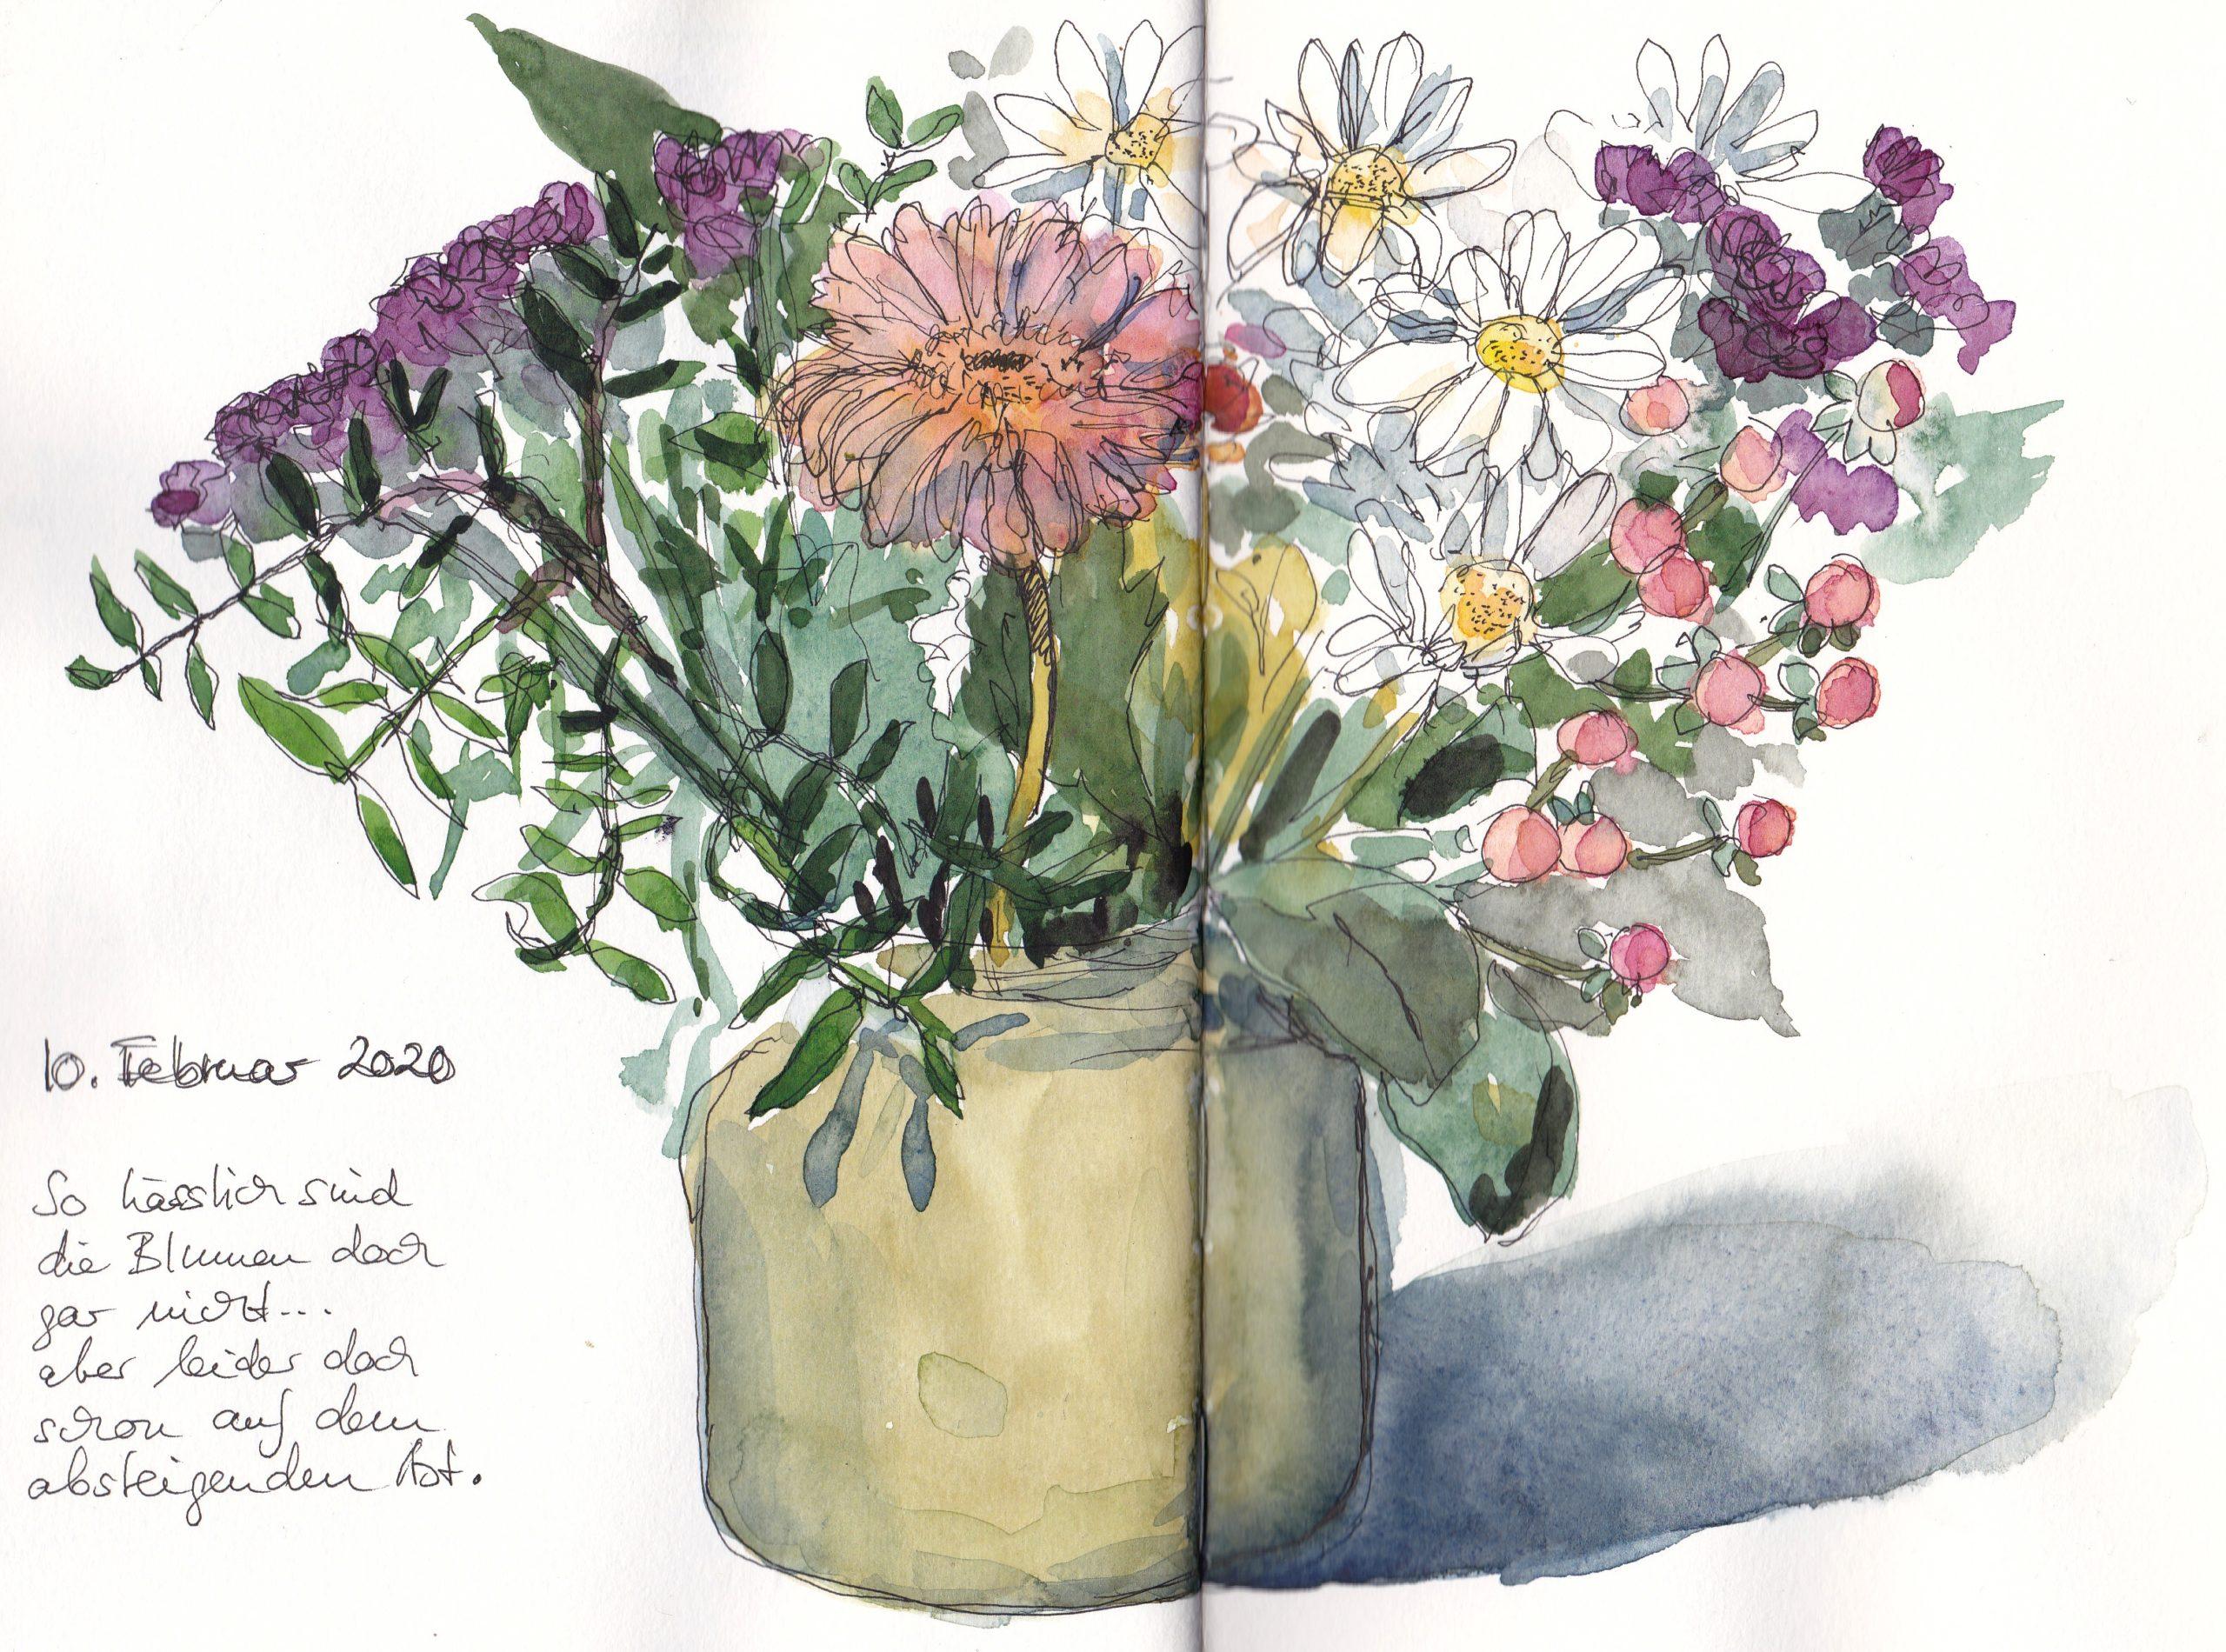 Eine paar Gedanken über meinen Umgang mit meinem kleinen Farbkasten und eine neue Blumenskizze.